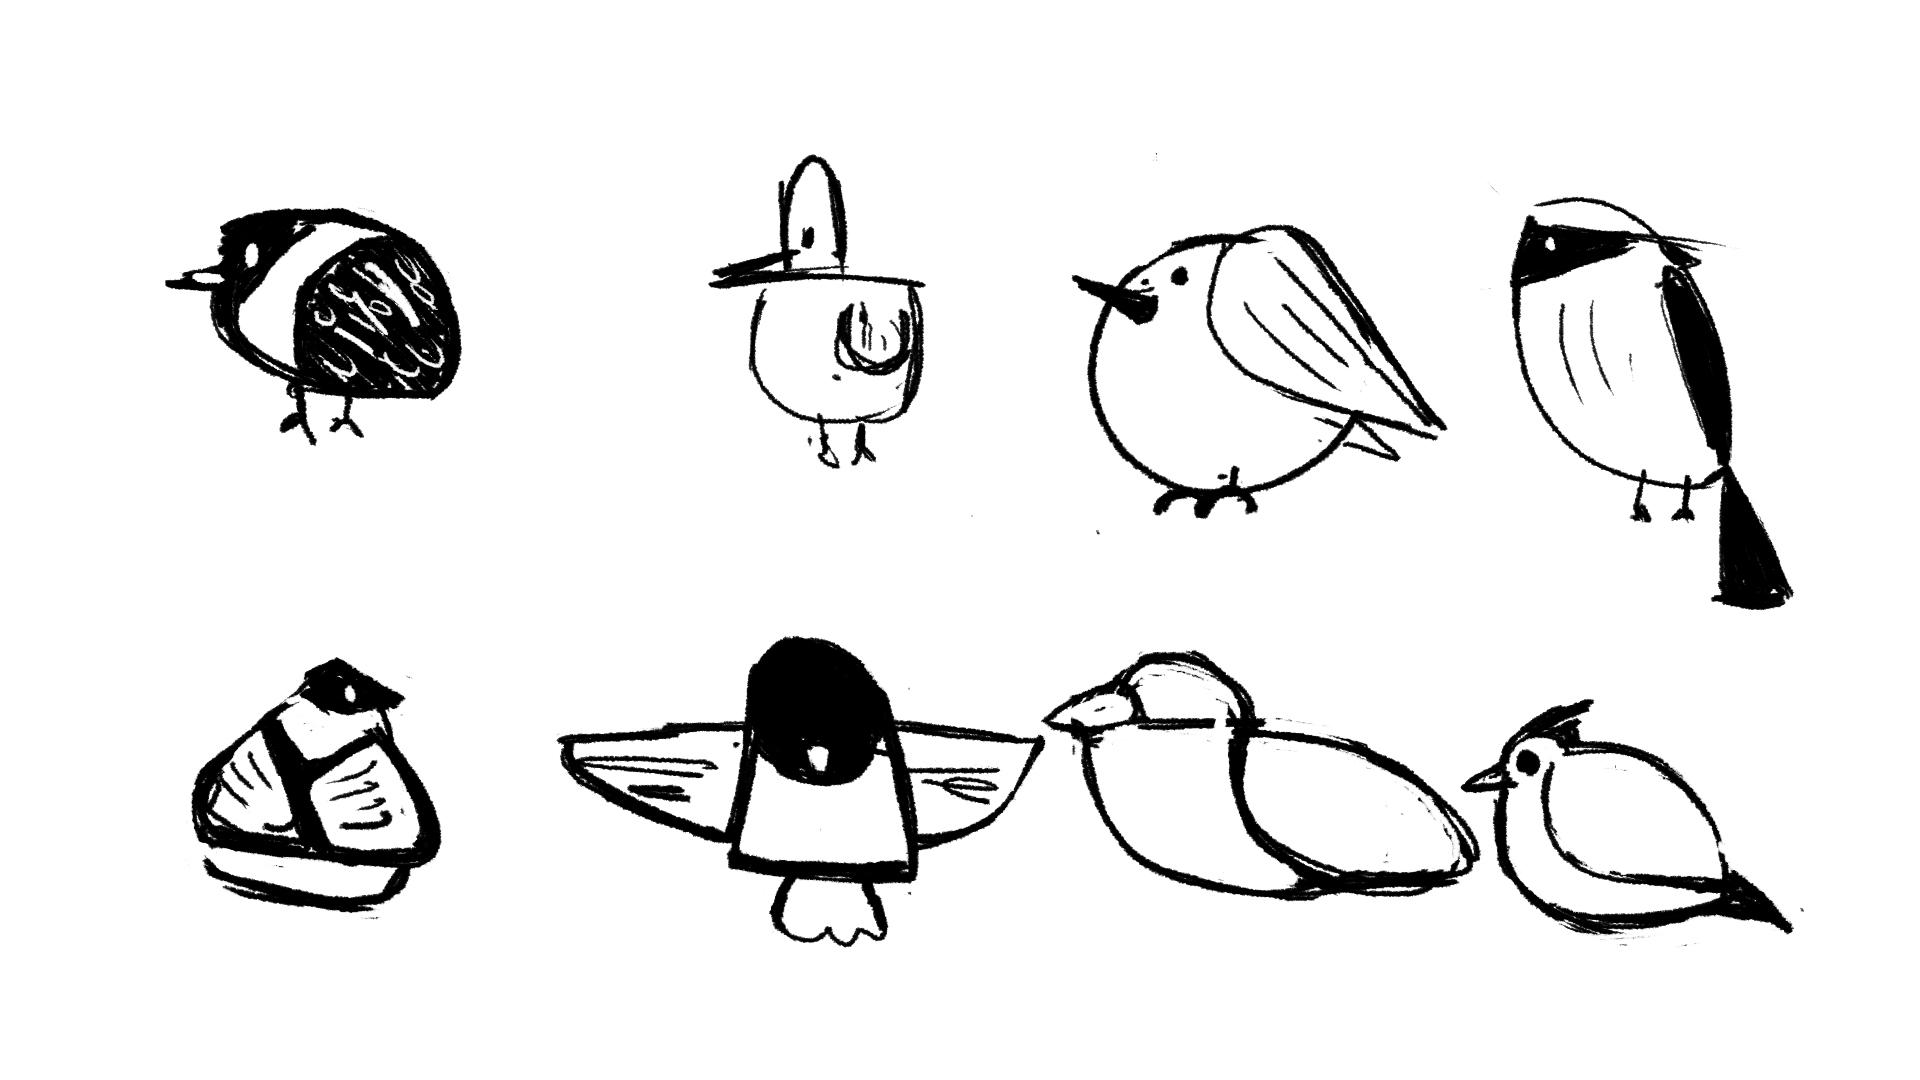 bird_sketchin_01